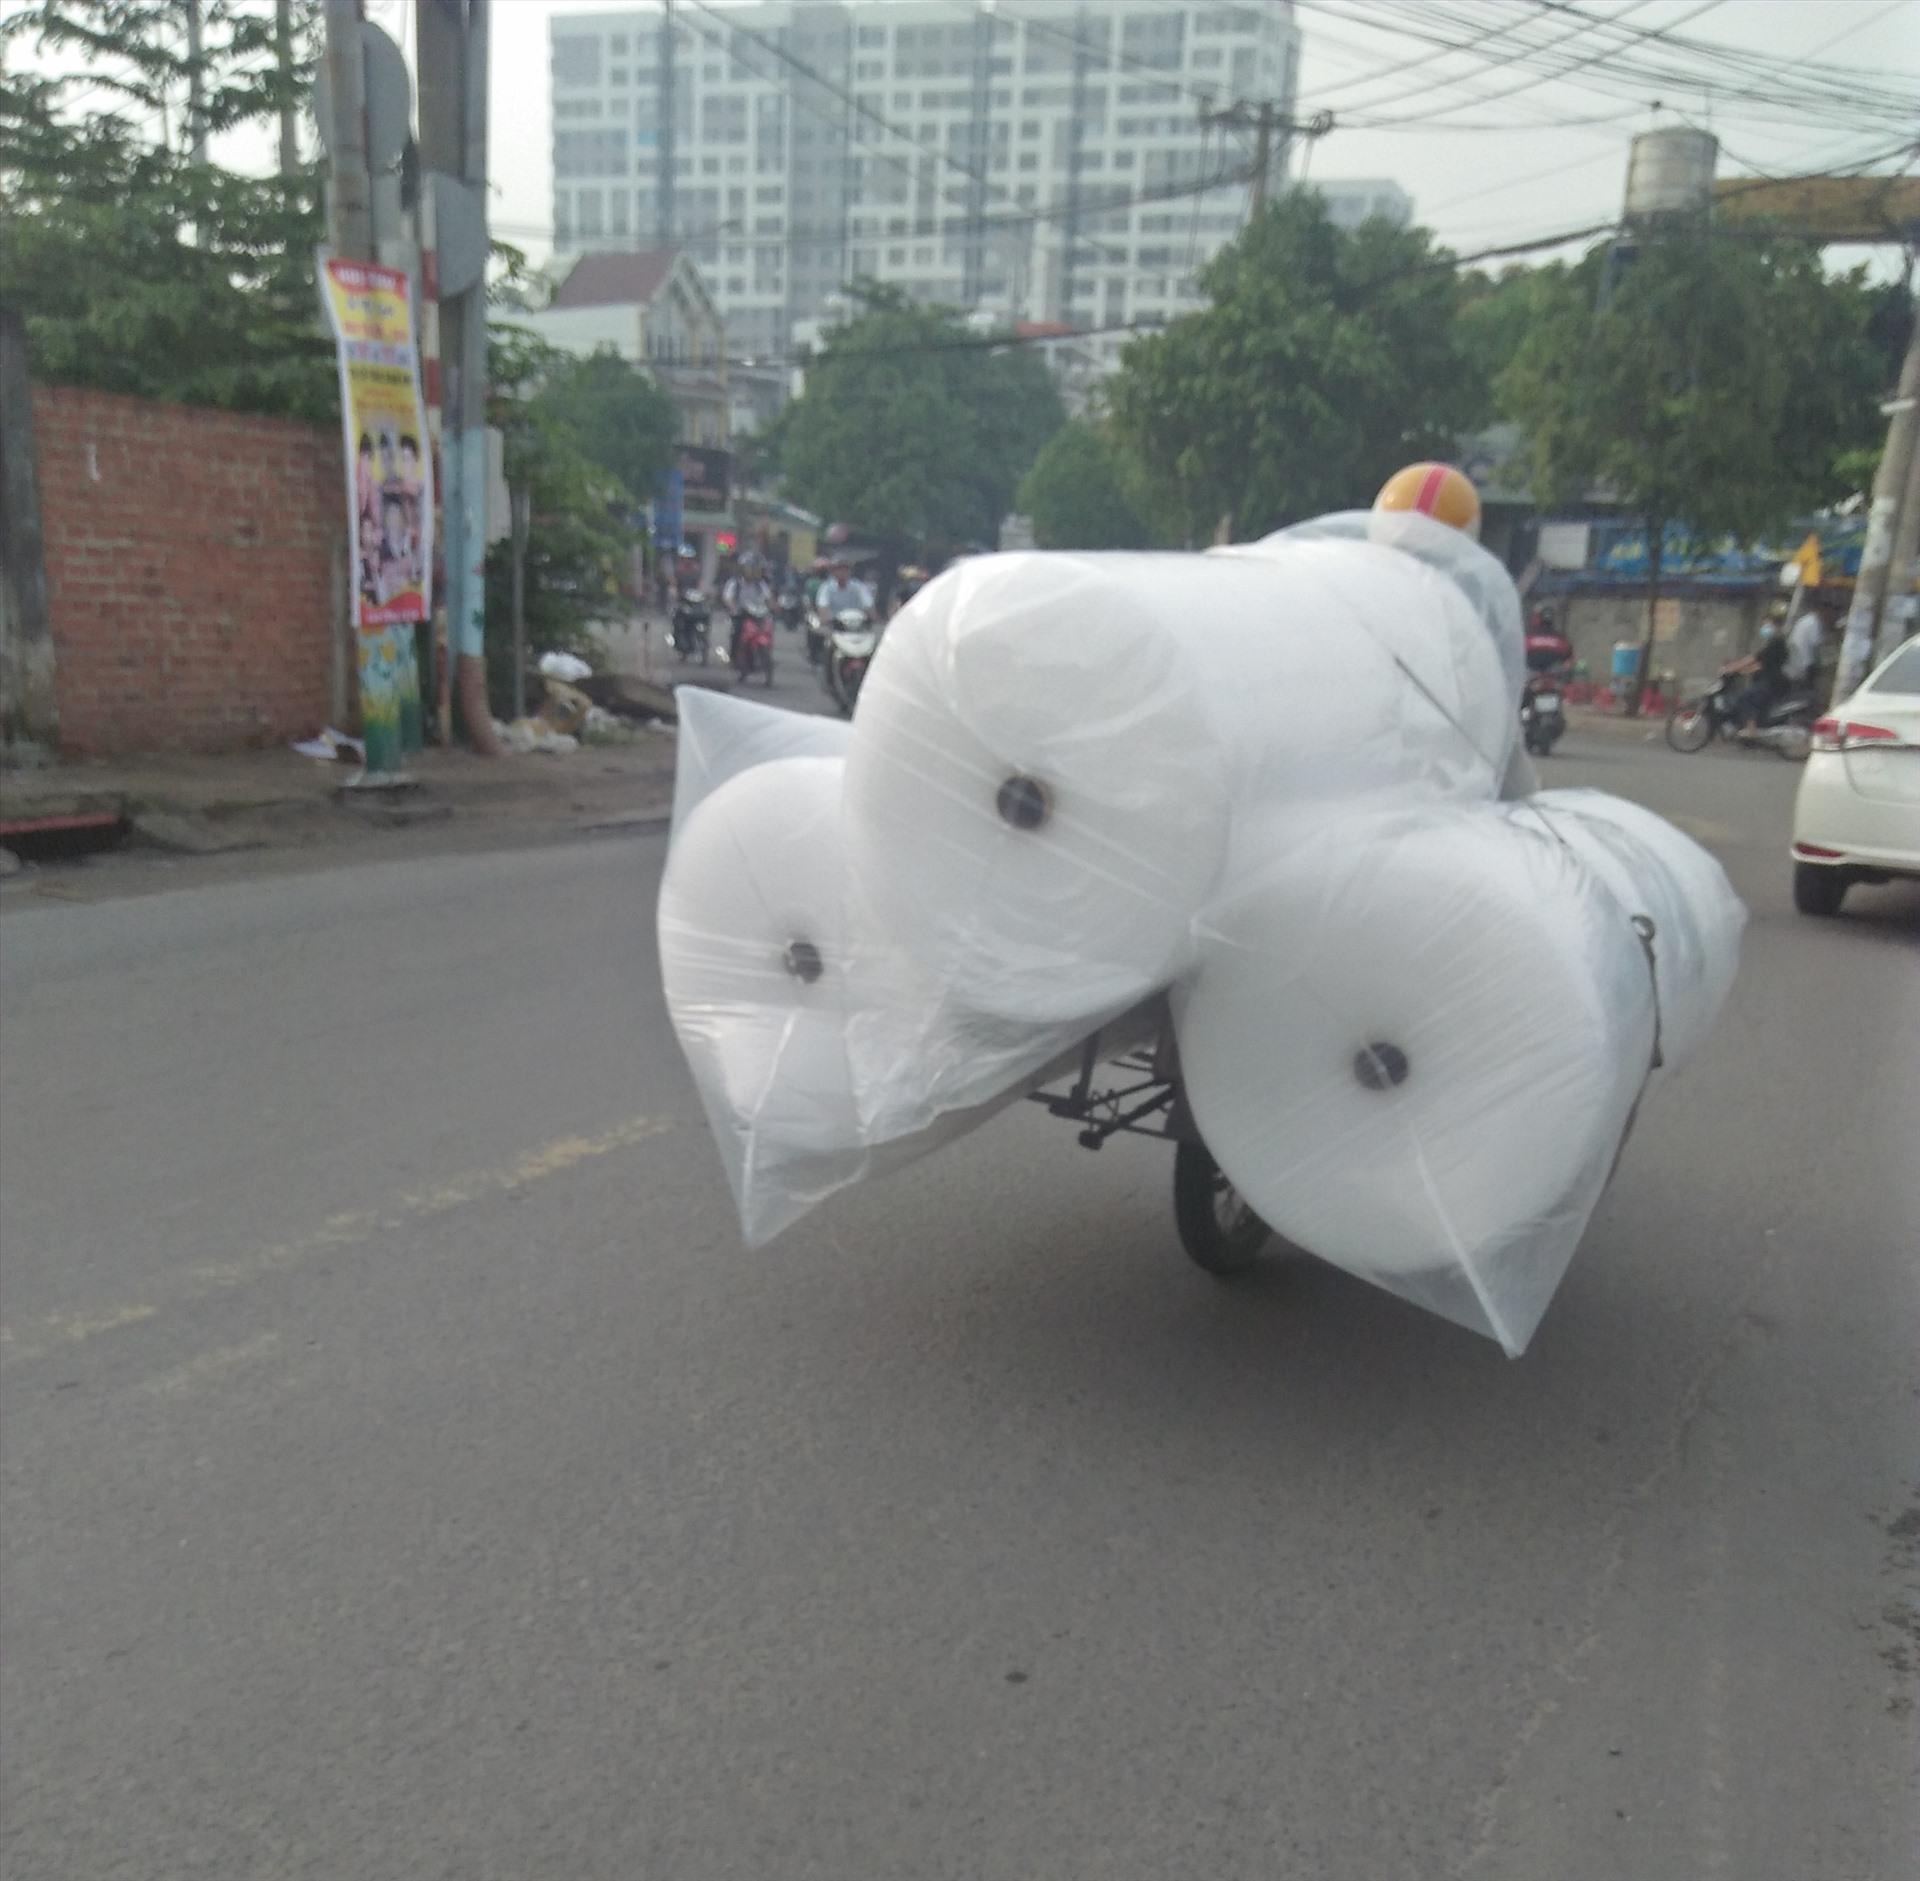 Người đi xe máy chở 3 cuộn hàng cồng kềnh chạy như xiếc trên đường Đào Trinh Nhất, Thủ Đức, TPHCM ( ảnh chụp sáng 30.6). Ảnh: Minh Khang